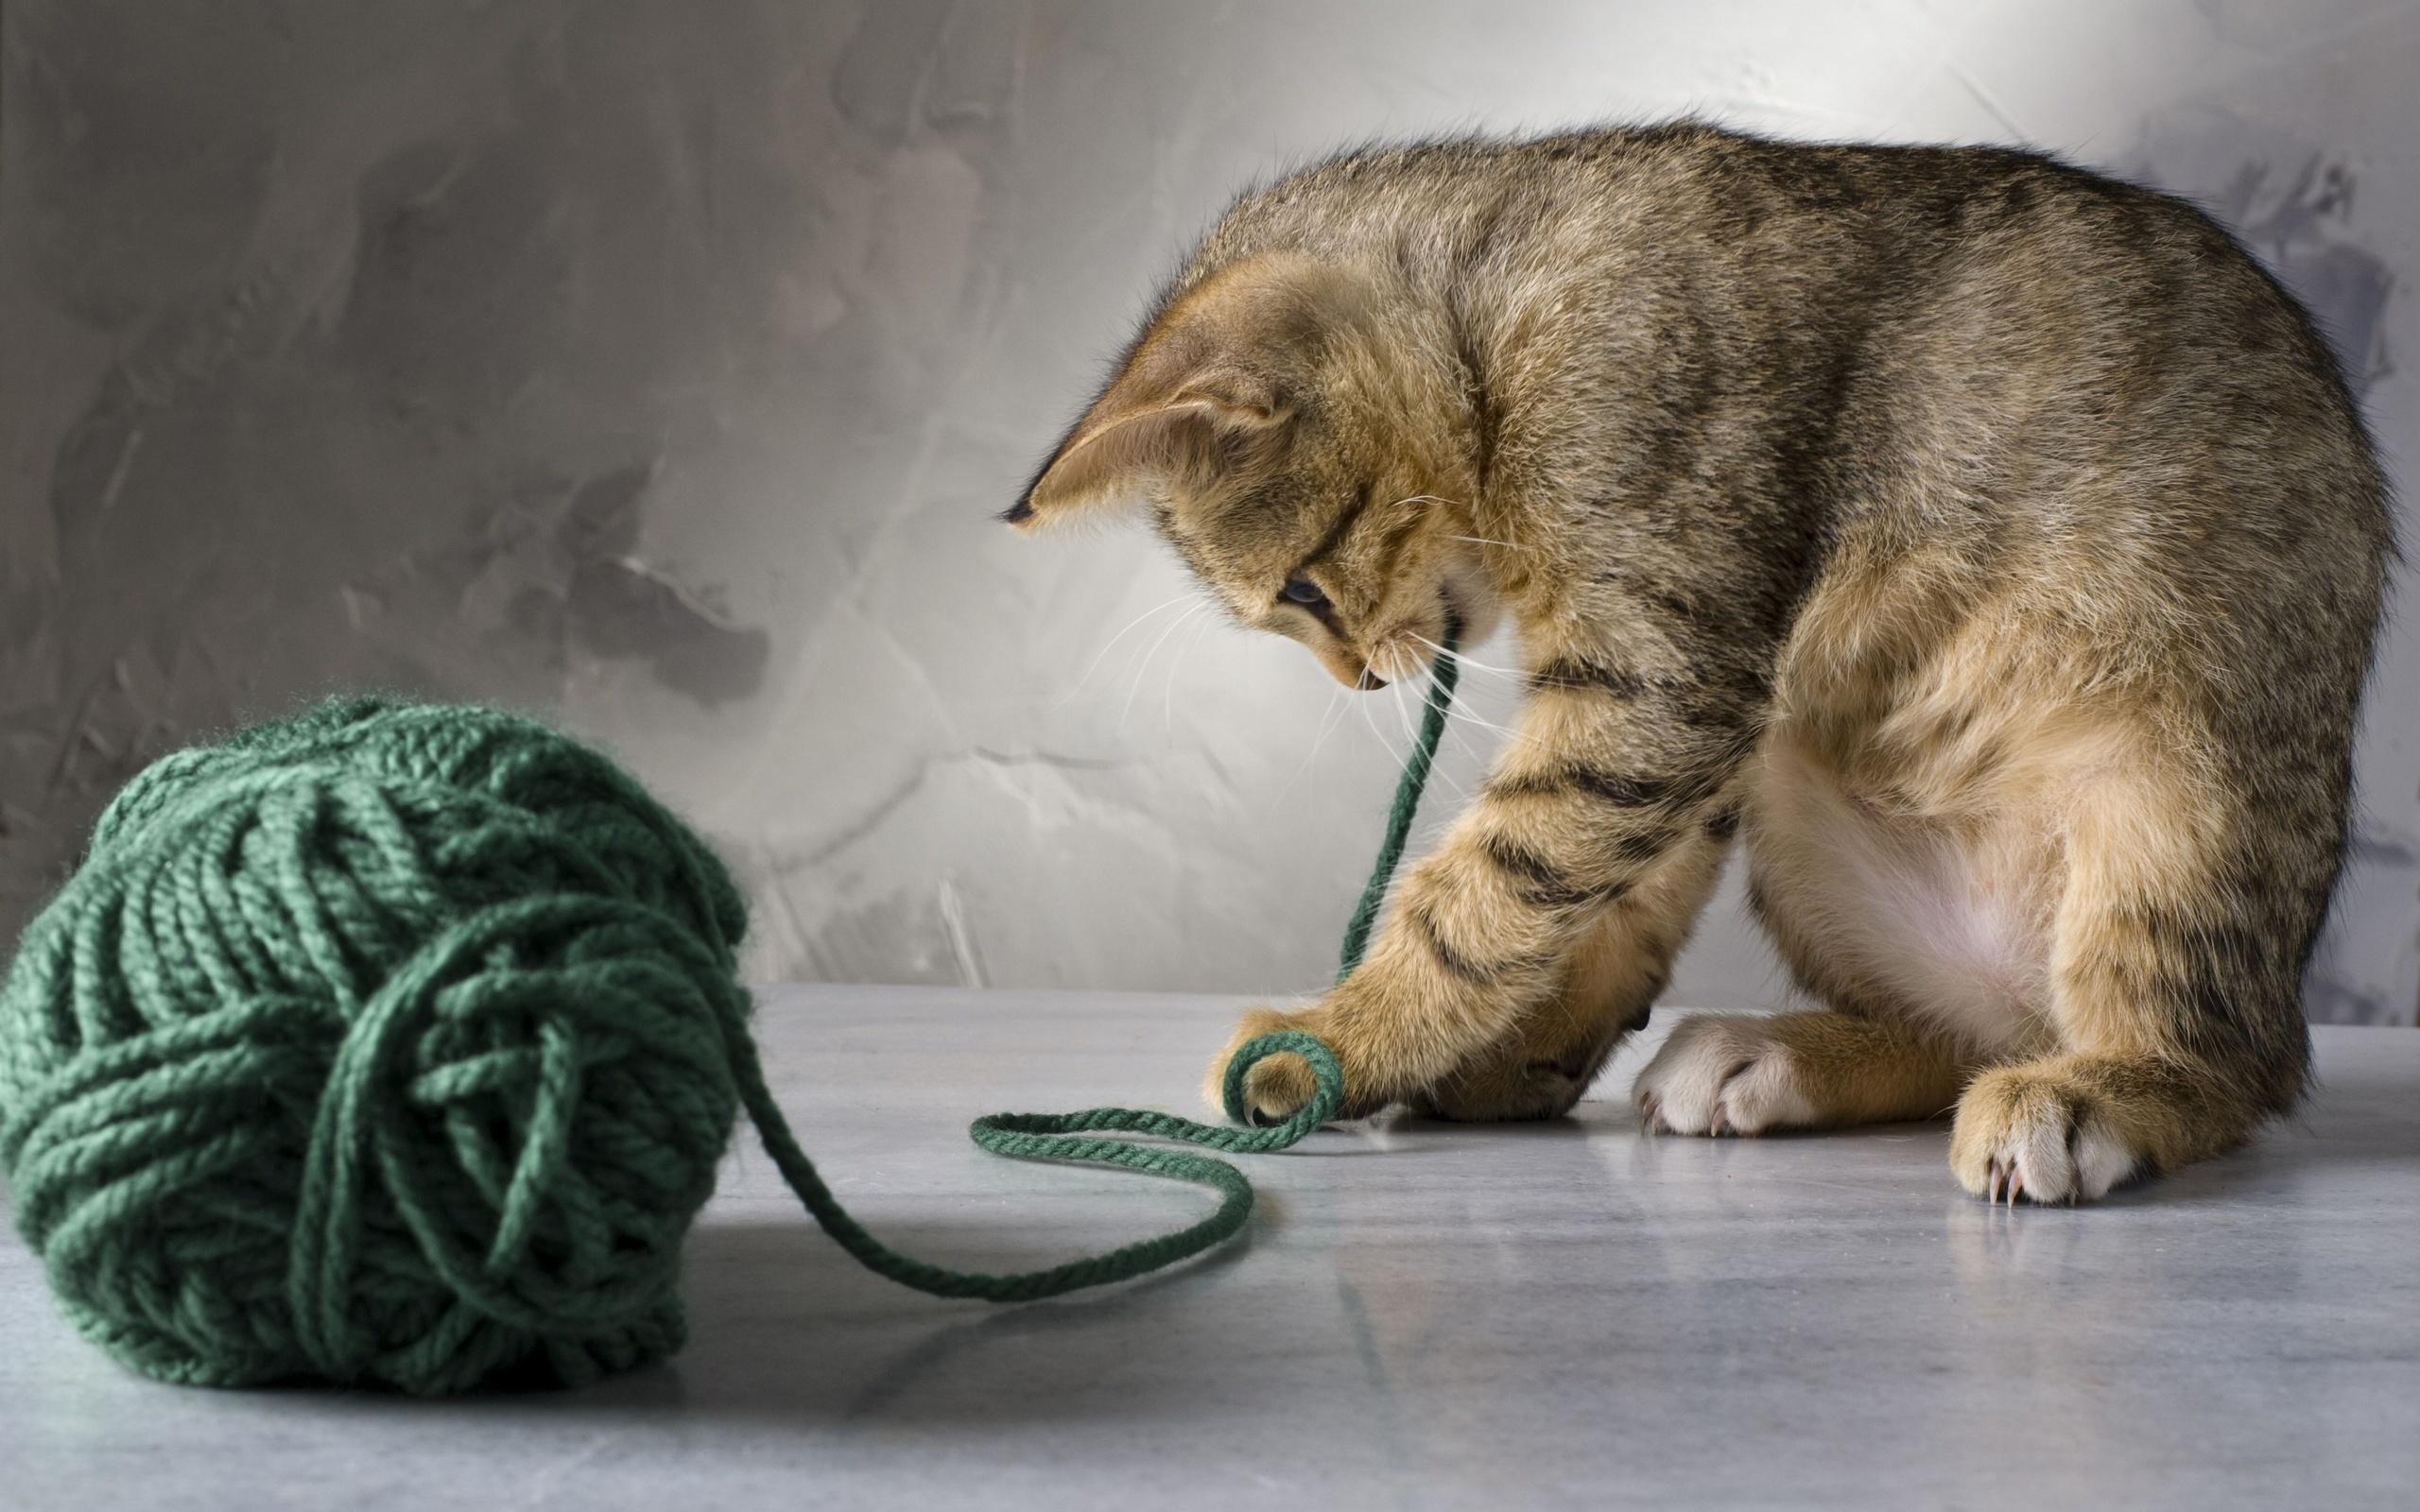 хайр картинки клубочки для котенка представляет собой несколько